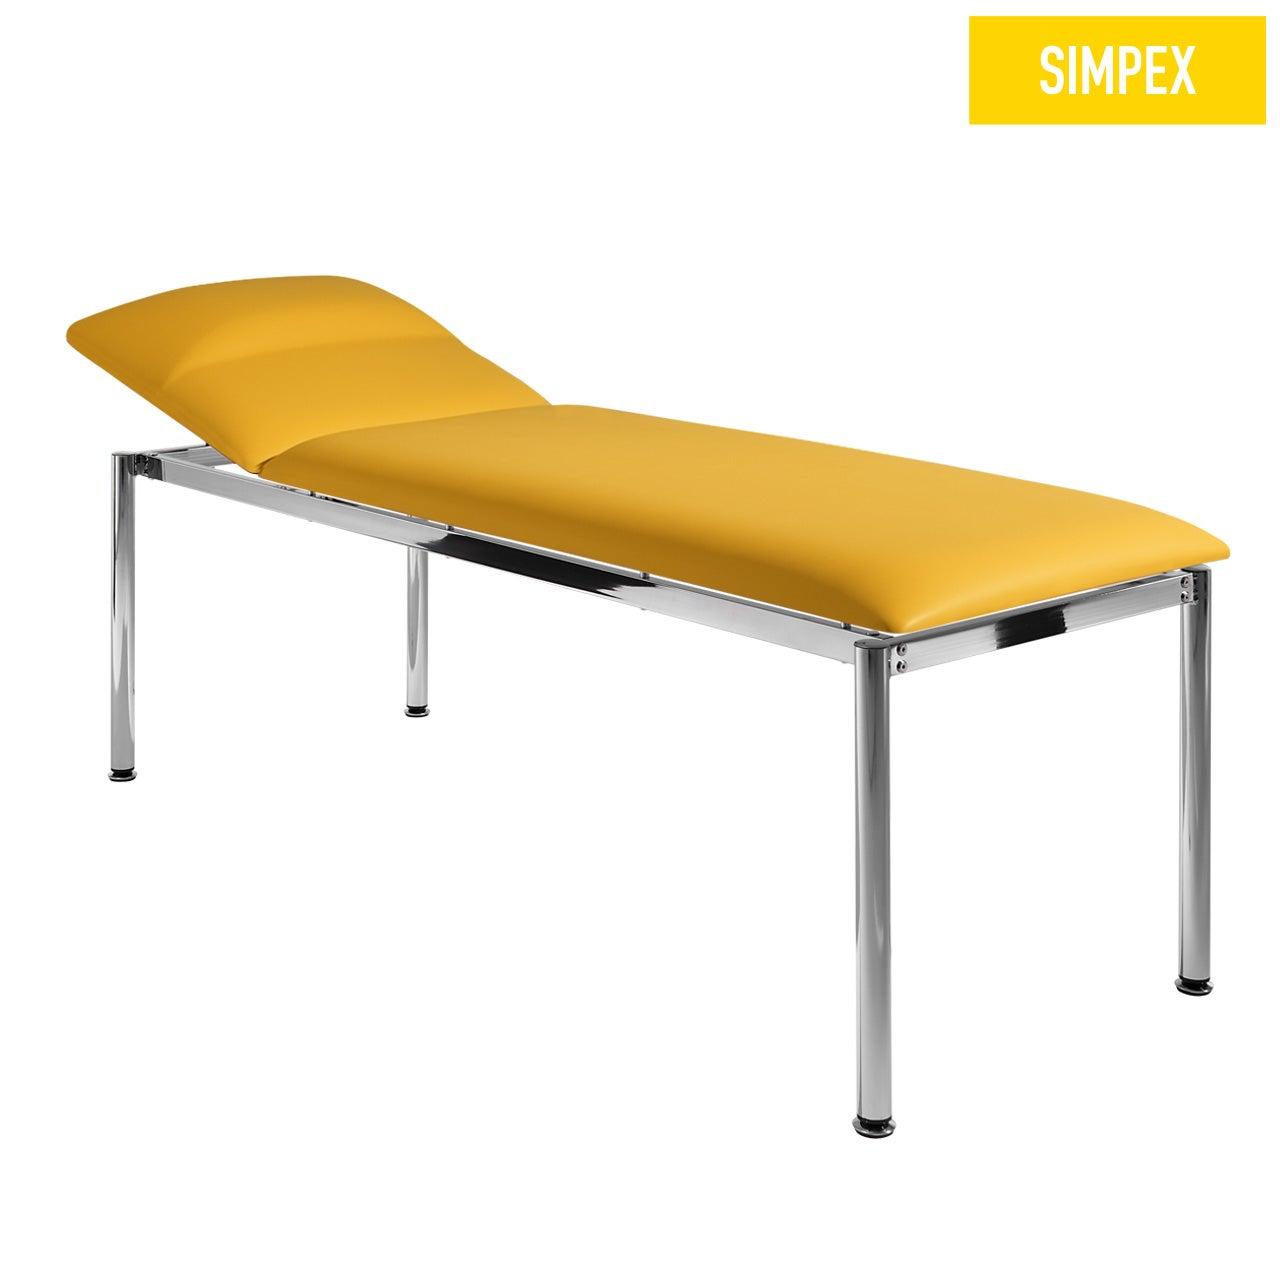 Designerliege RONDO-MED 65 Classic mit Kunstleder in gelb (mais) und einem Gestell aus Stahl verchromt von SIMPEX